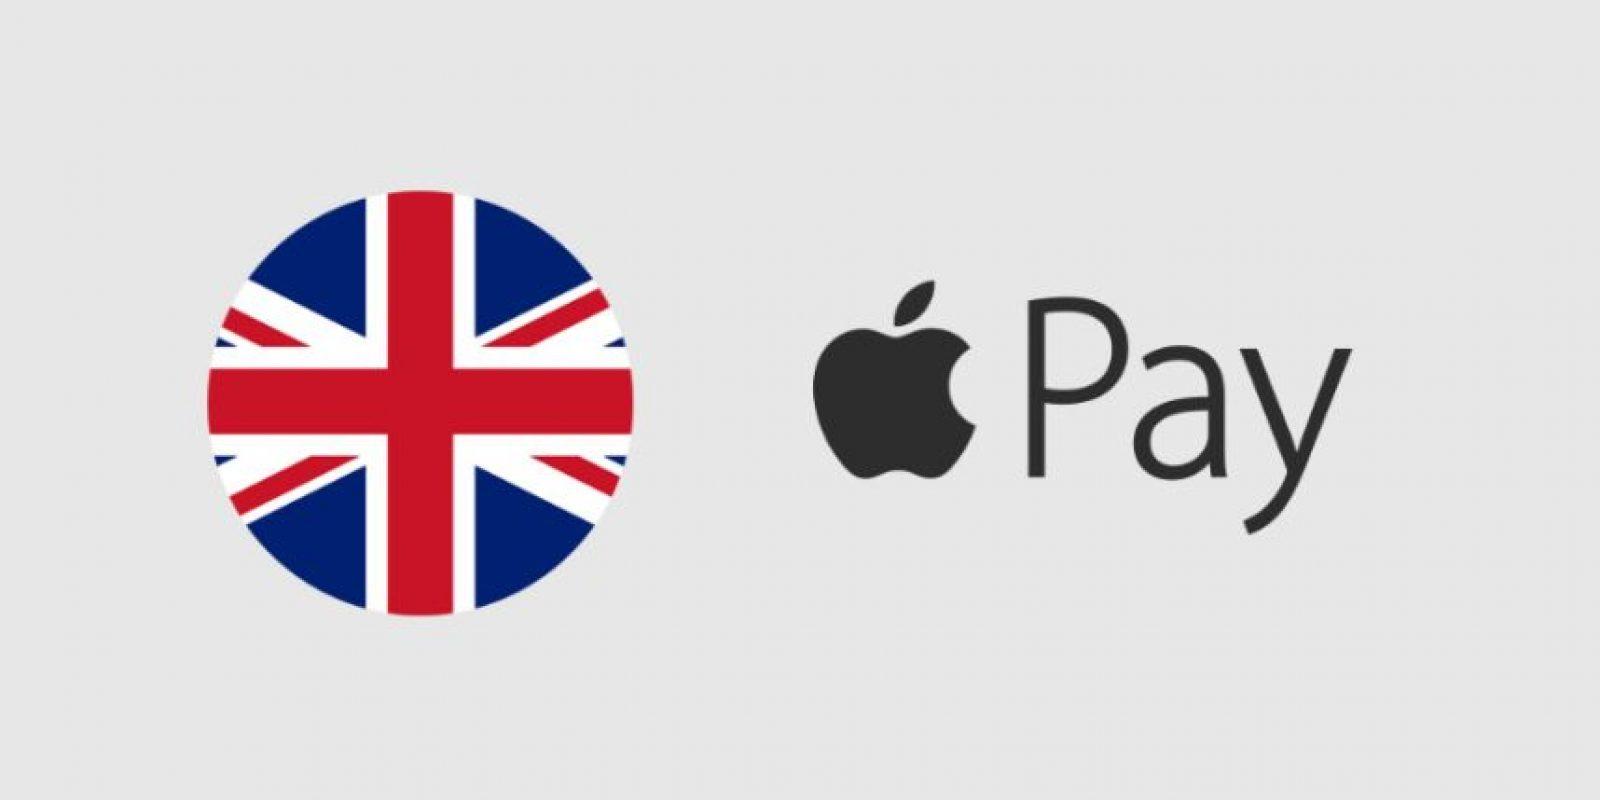 Apple Pay, la forma de pago de la marca, competirá con Google Pay Foto:Apple